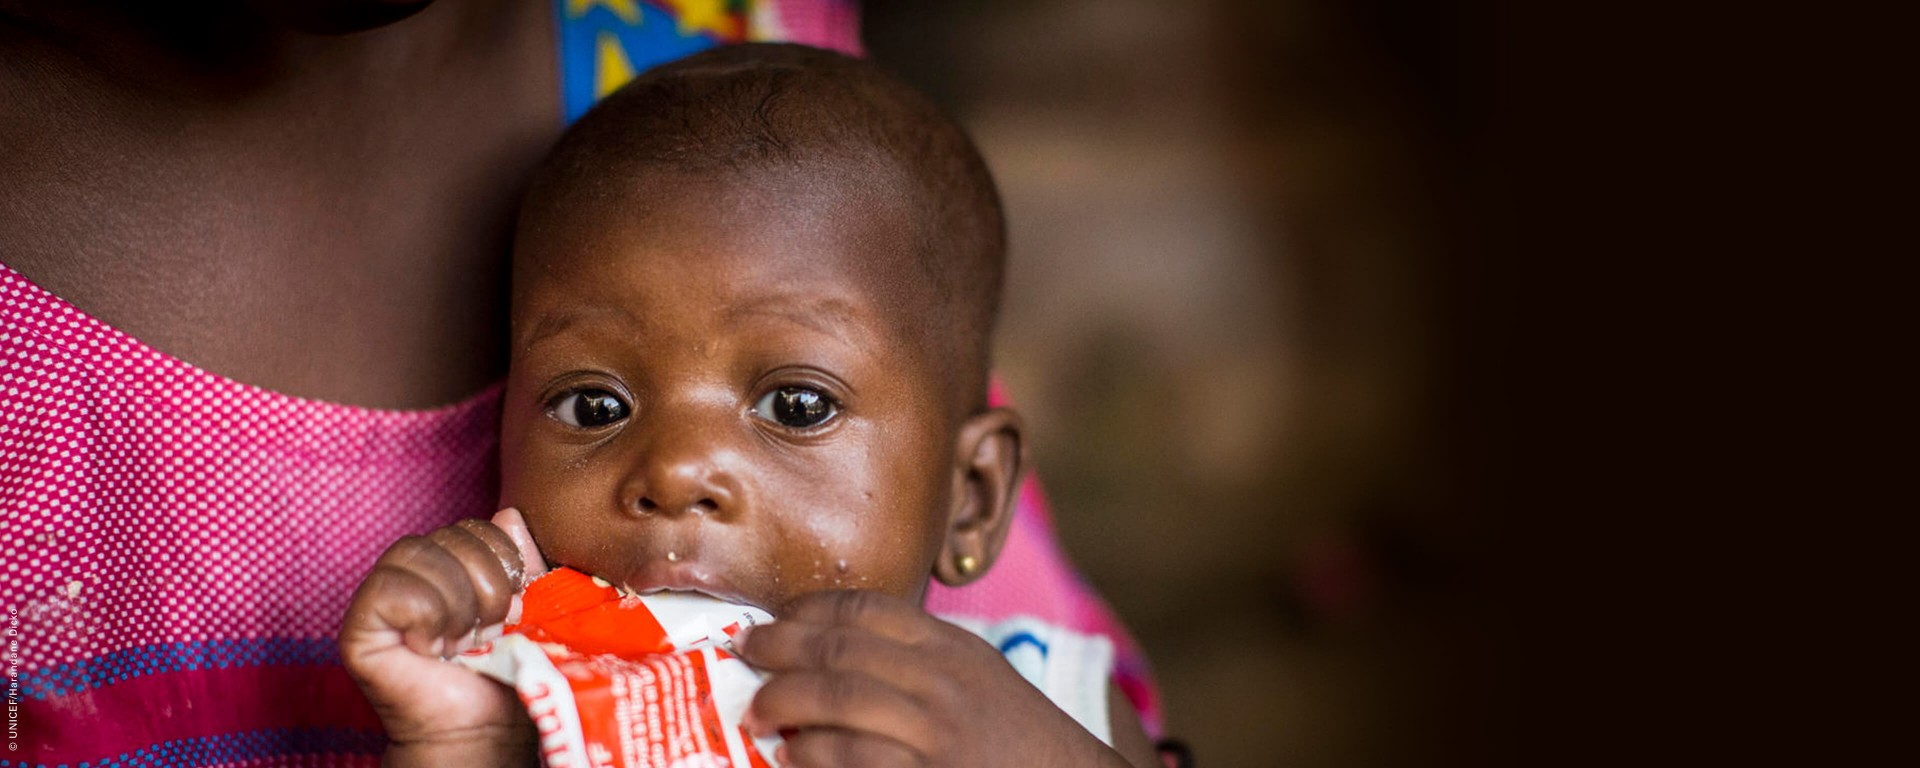 UNICEF Polska - Żywność terapeutyczna